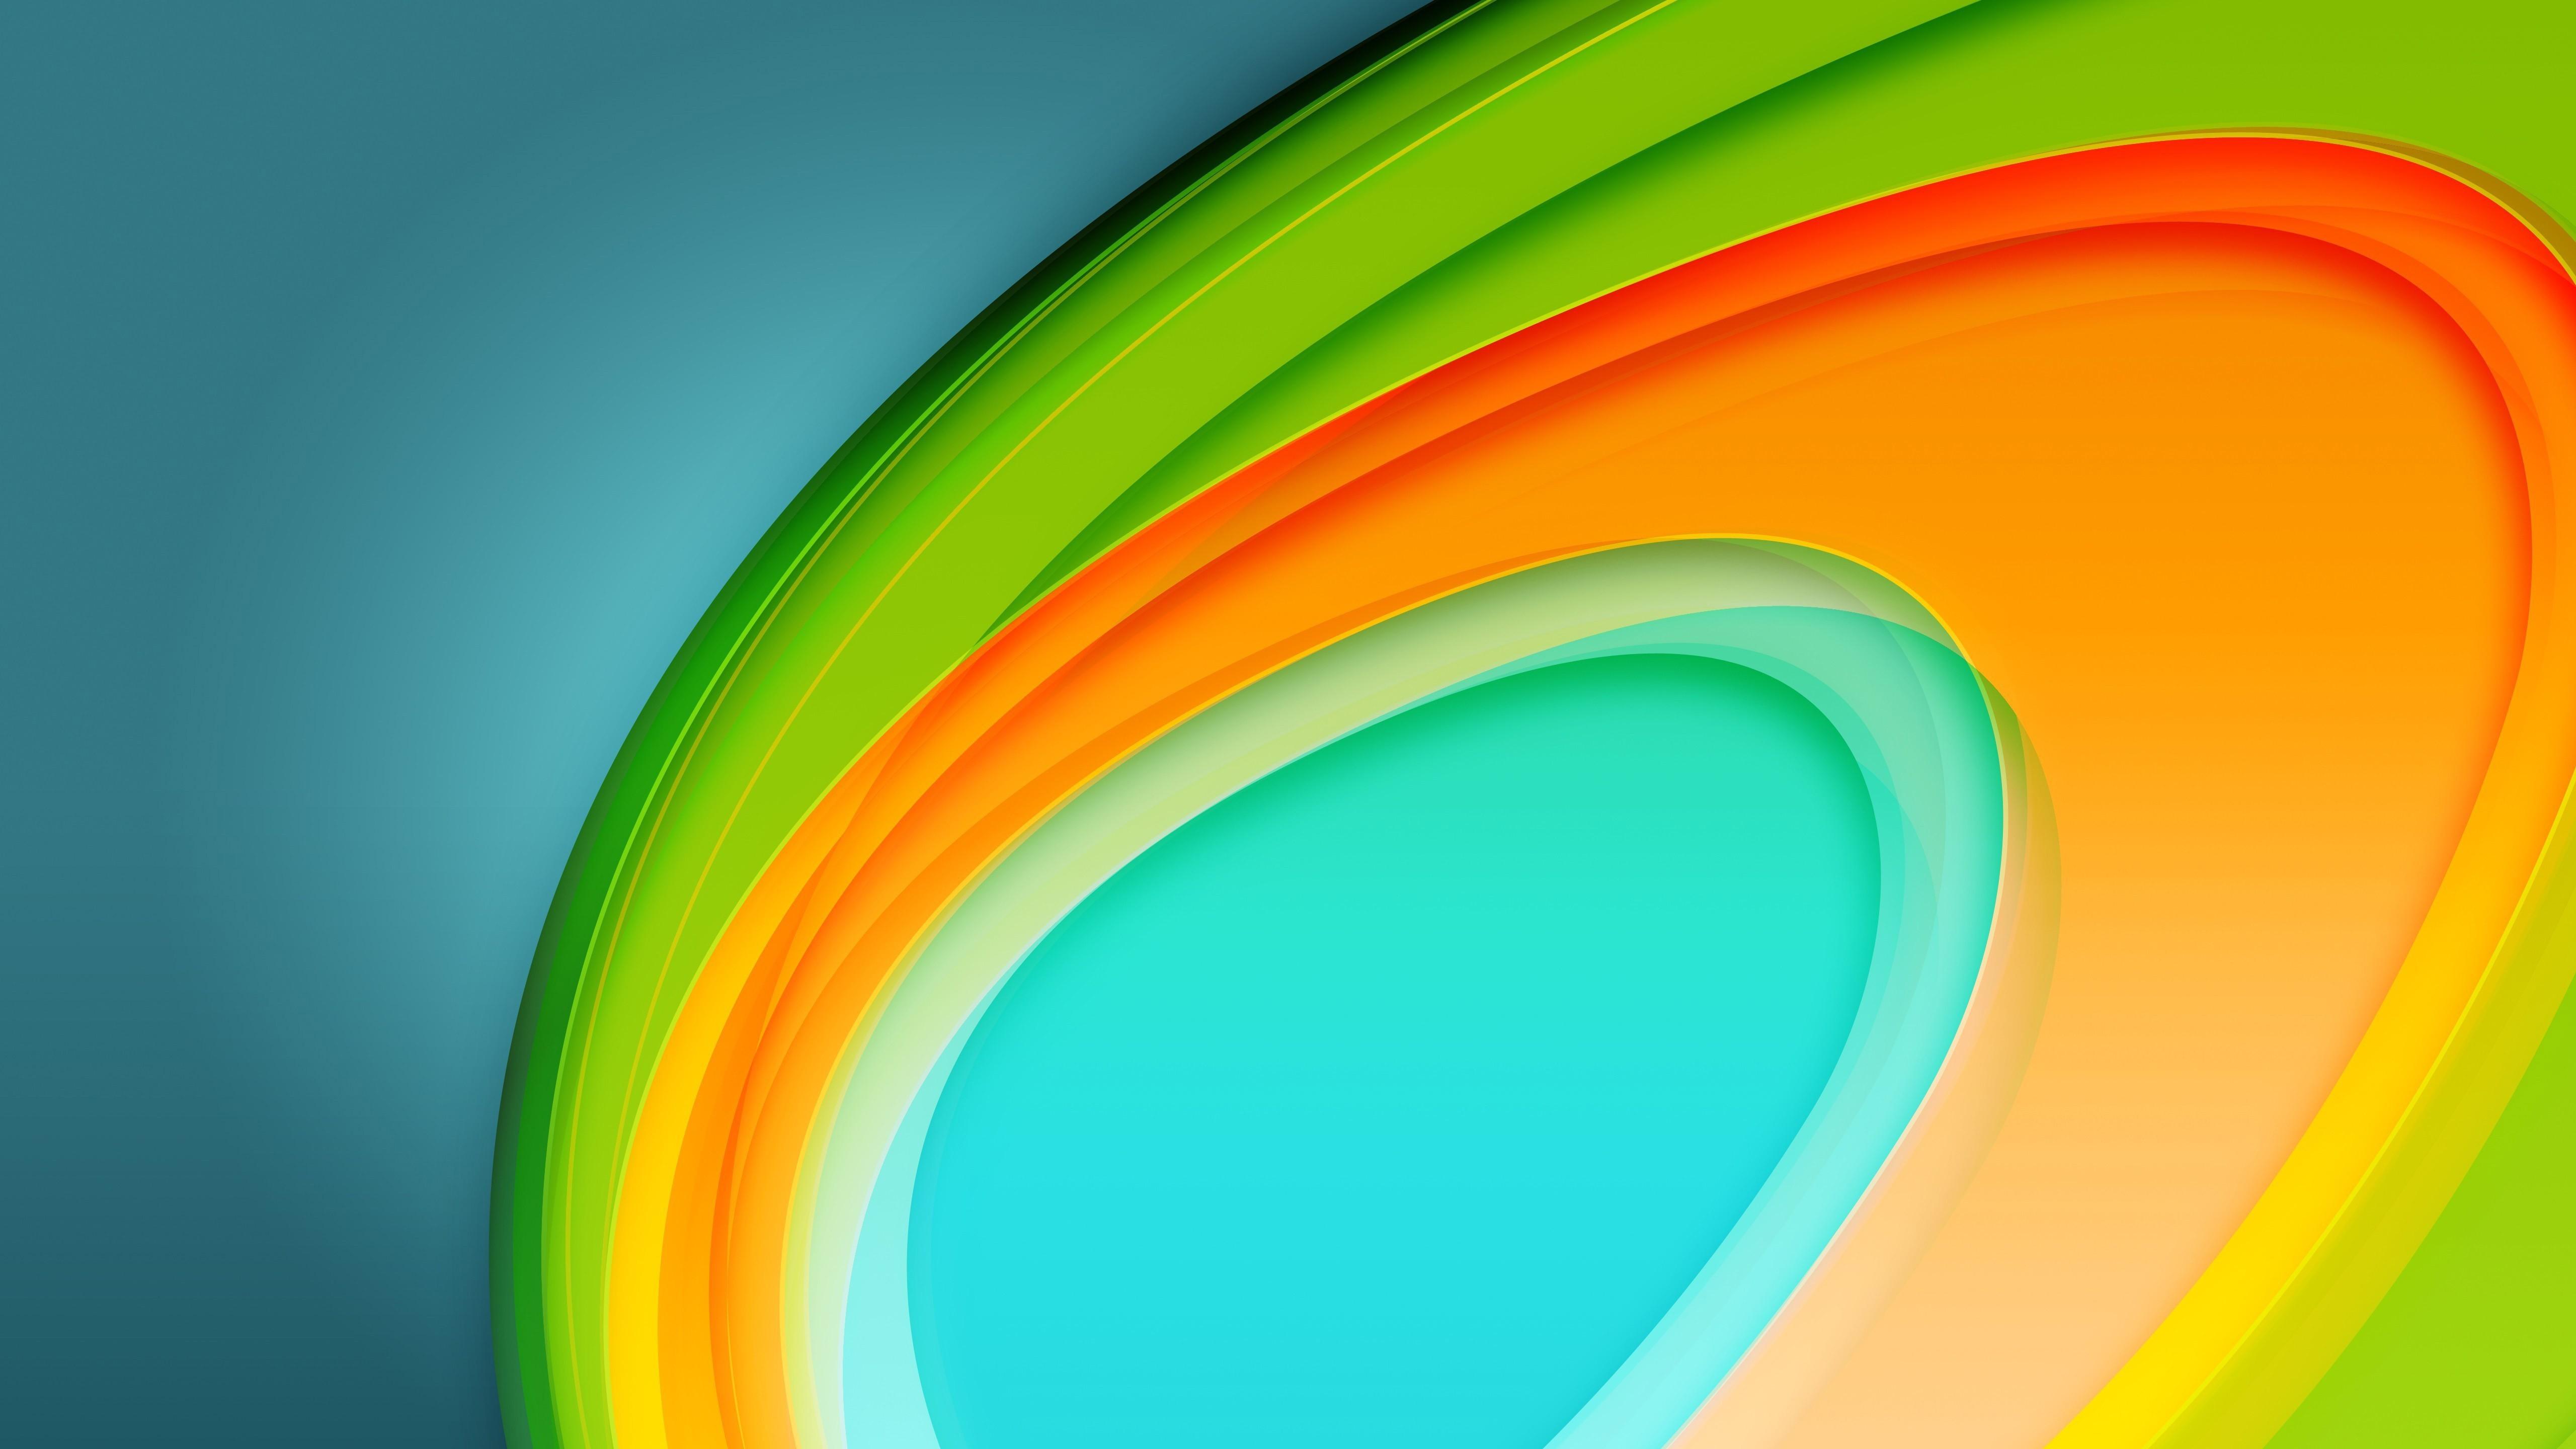 Wallpaper Circle 4k 5k Abstract Android Wallpaper